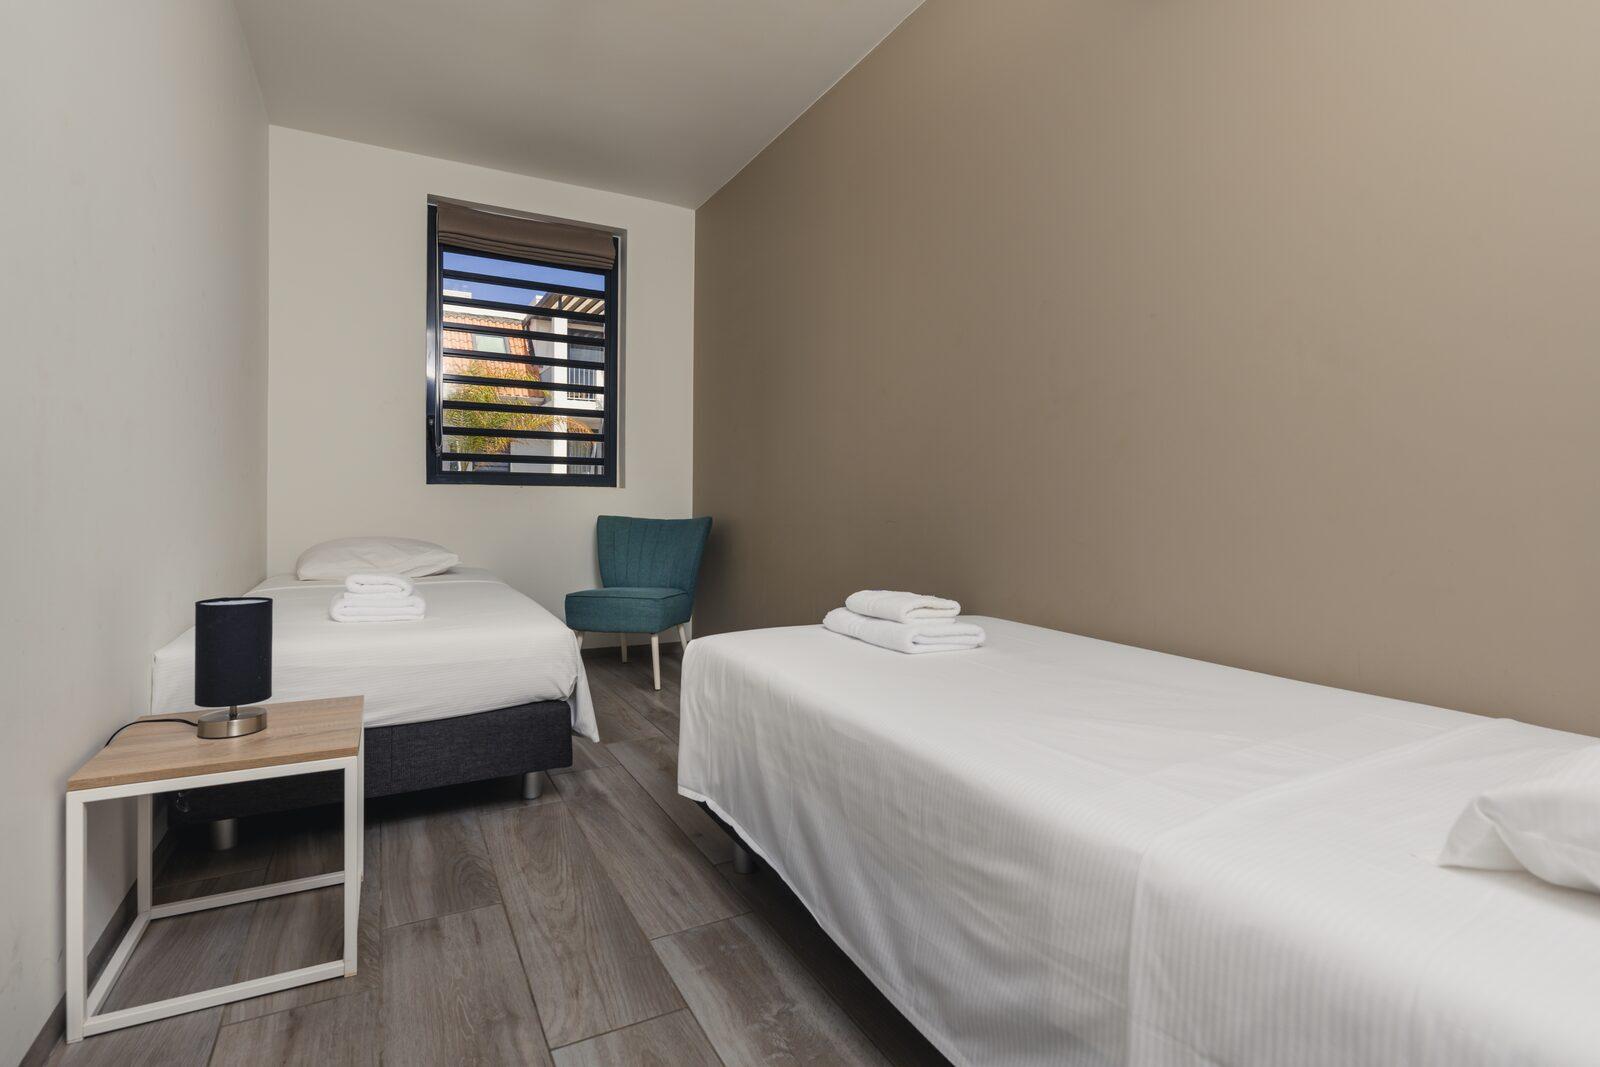 Das Resort Bonaire bietet geräumige Schlafzimmer, an die ein Balkon anschließt. Schauen Sie sich unsere verfügbaren Unterkünfte an!